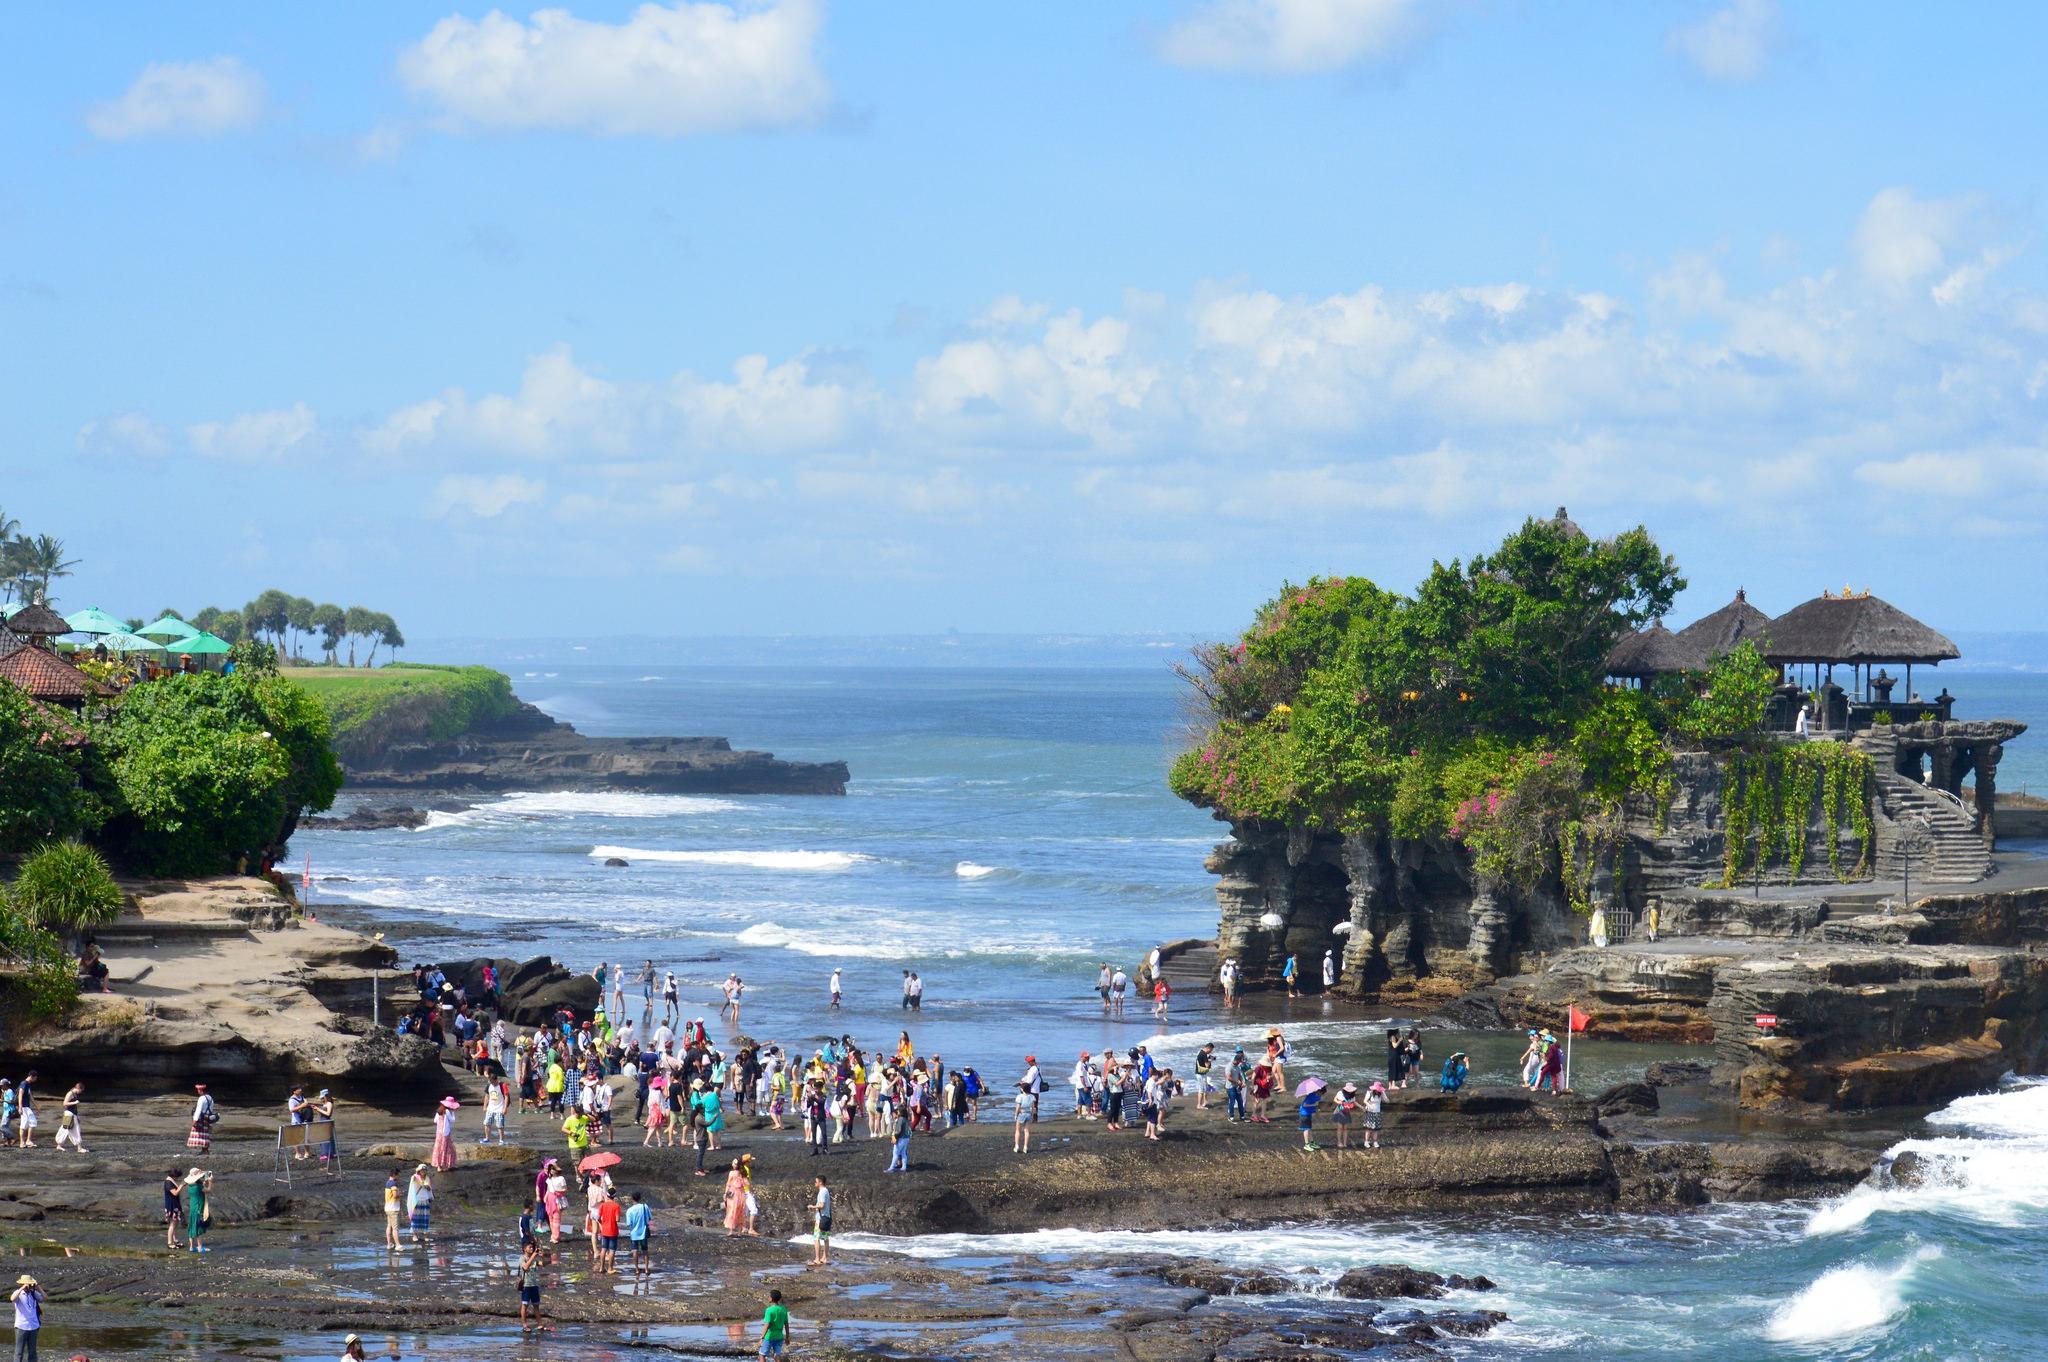 besplatno mjesto za upoznavanje u Baliju besplatna web mjesta za upoznavanje Kambodža